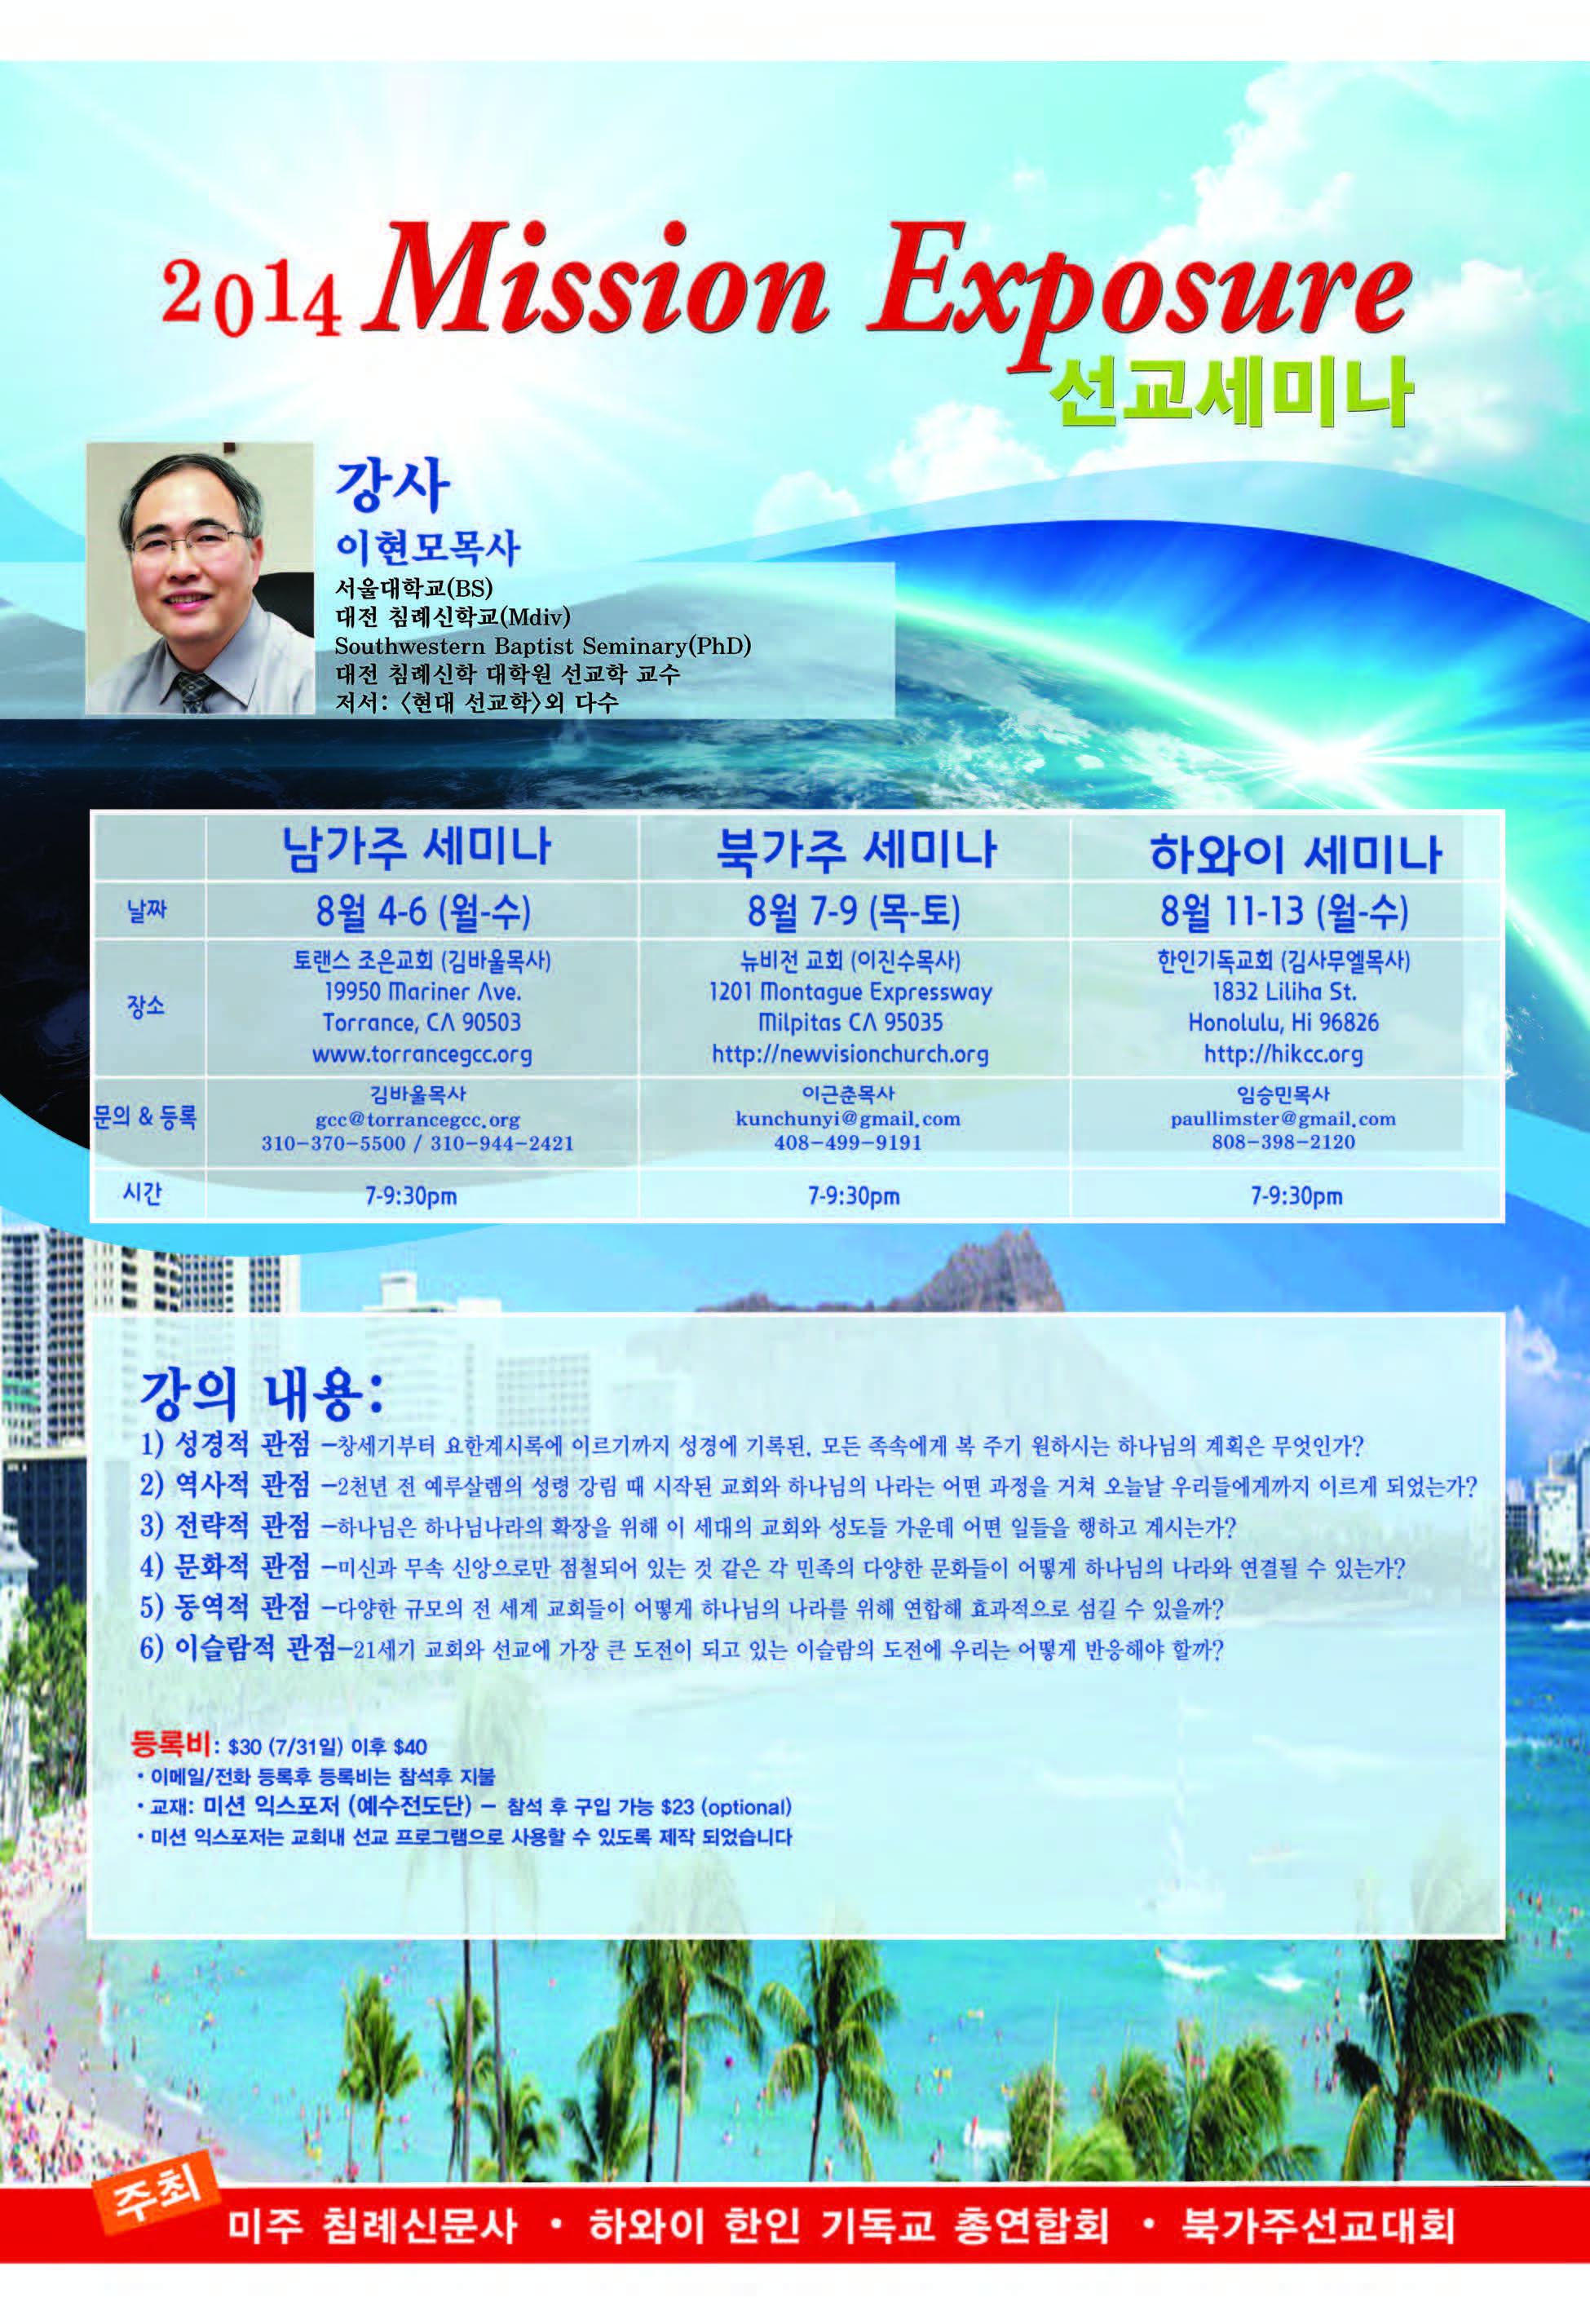 mission exposure  포스터2.jpg